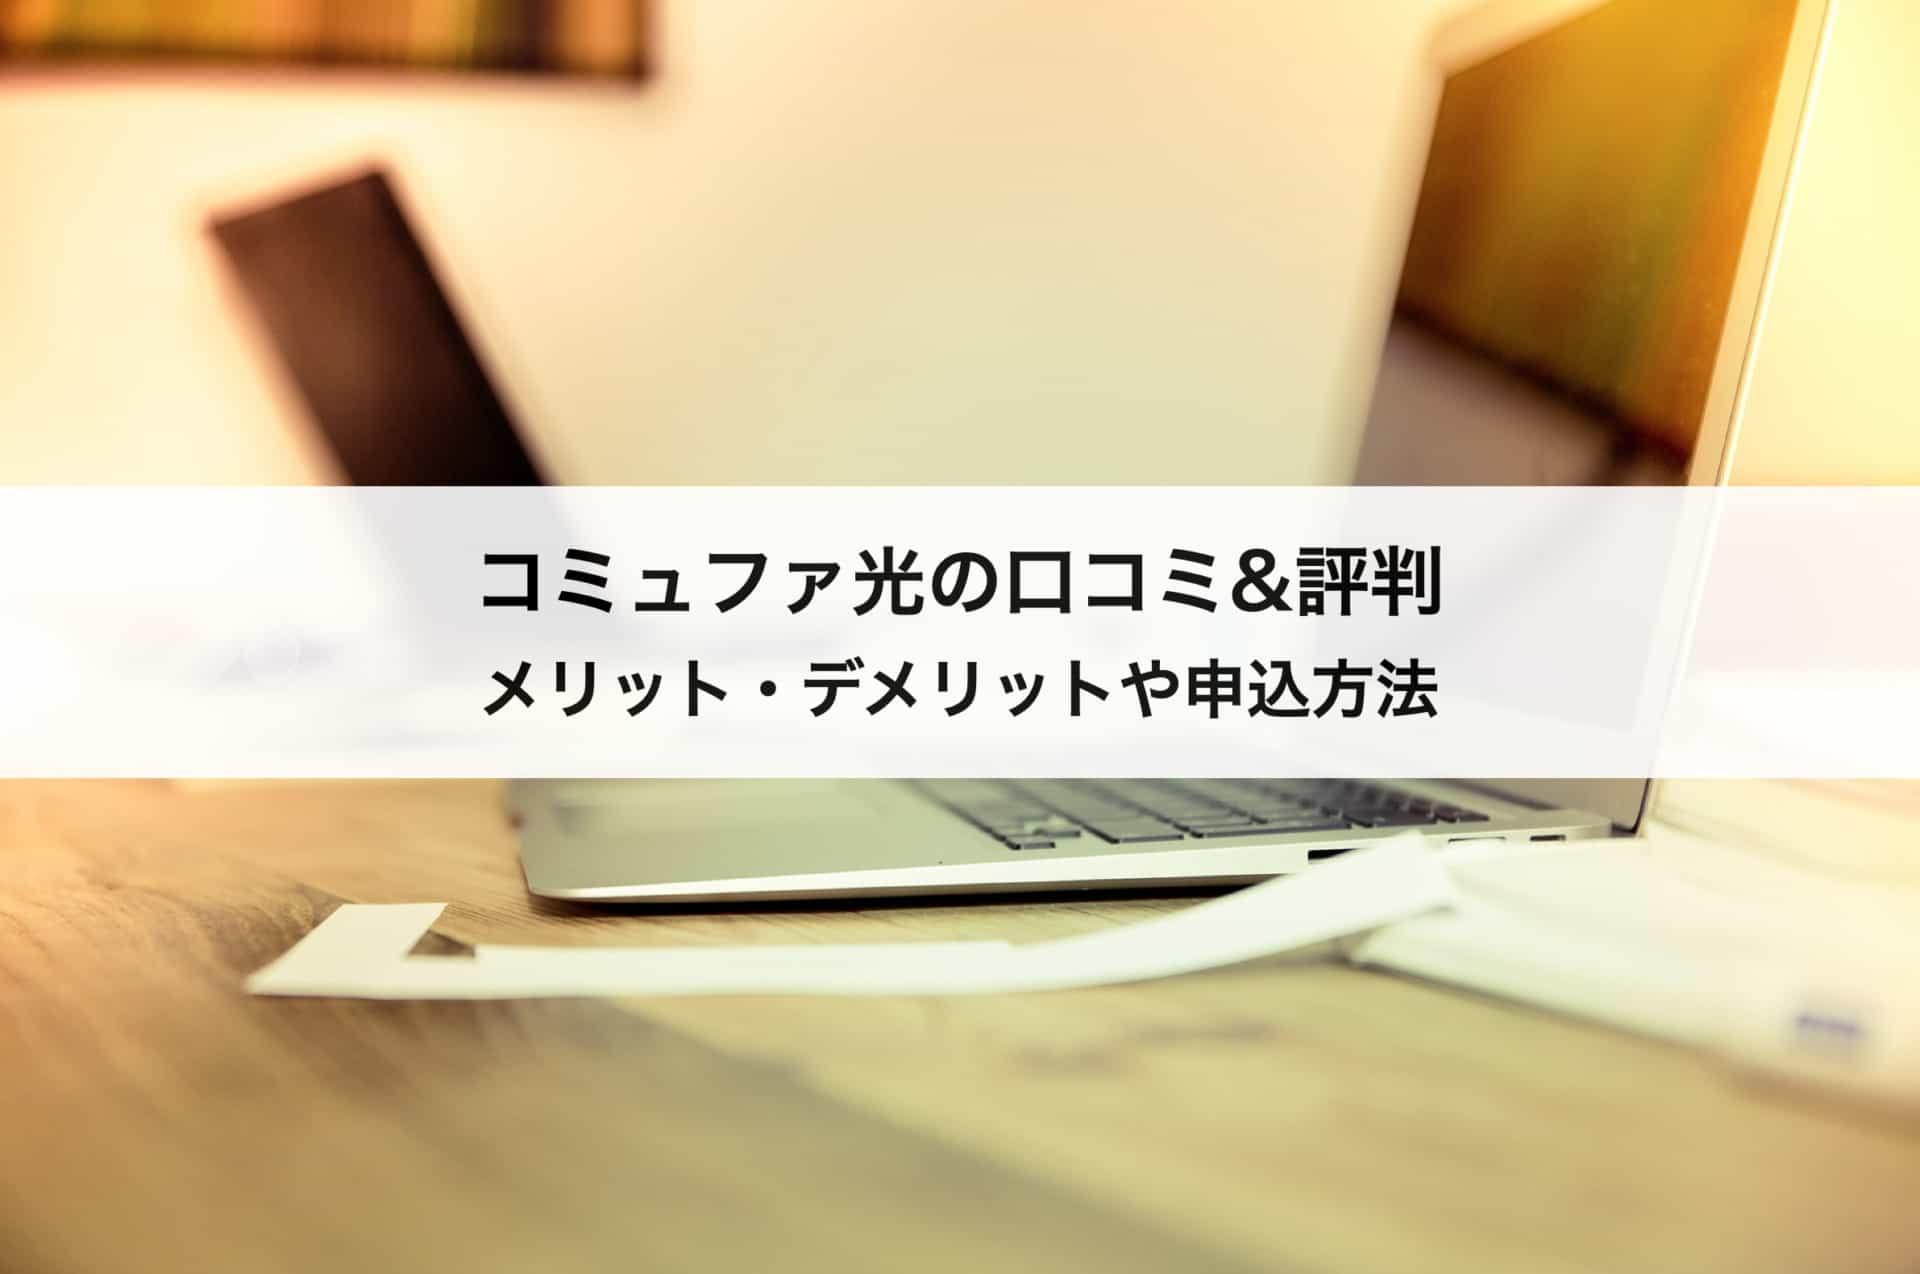 コミュファ光の口コミ&評判|メリット・デメリットや申込方法まで徹底解説!